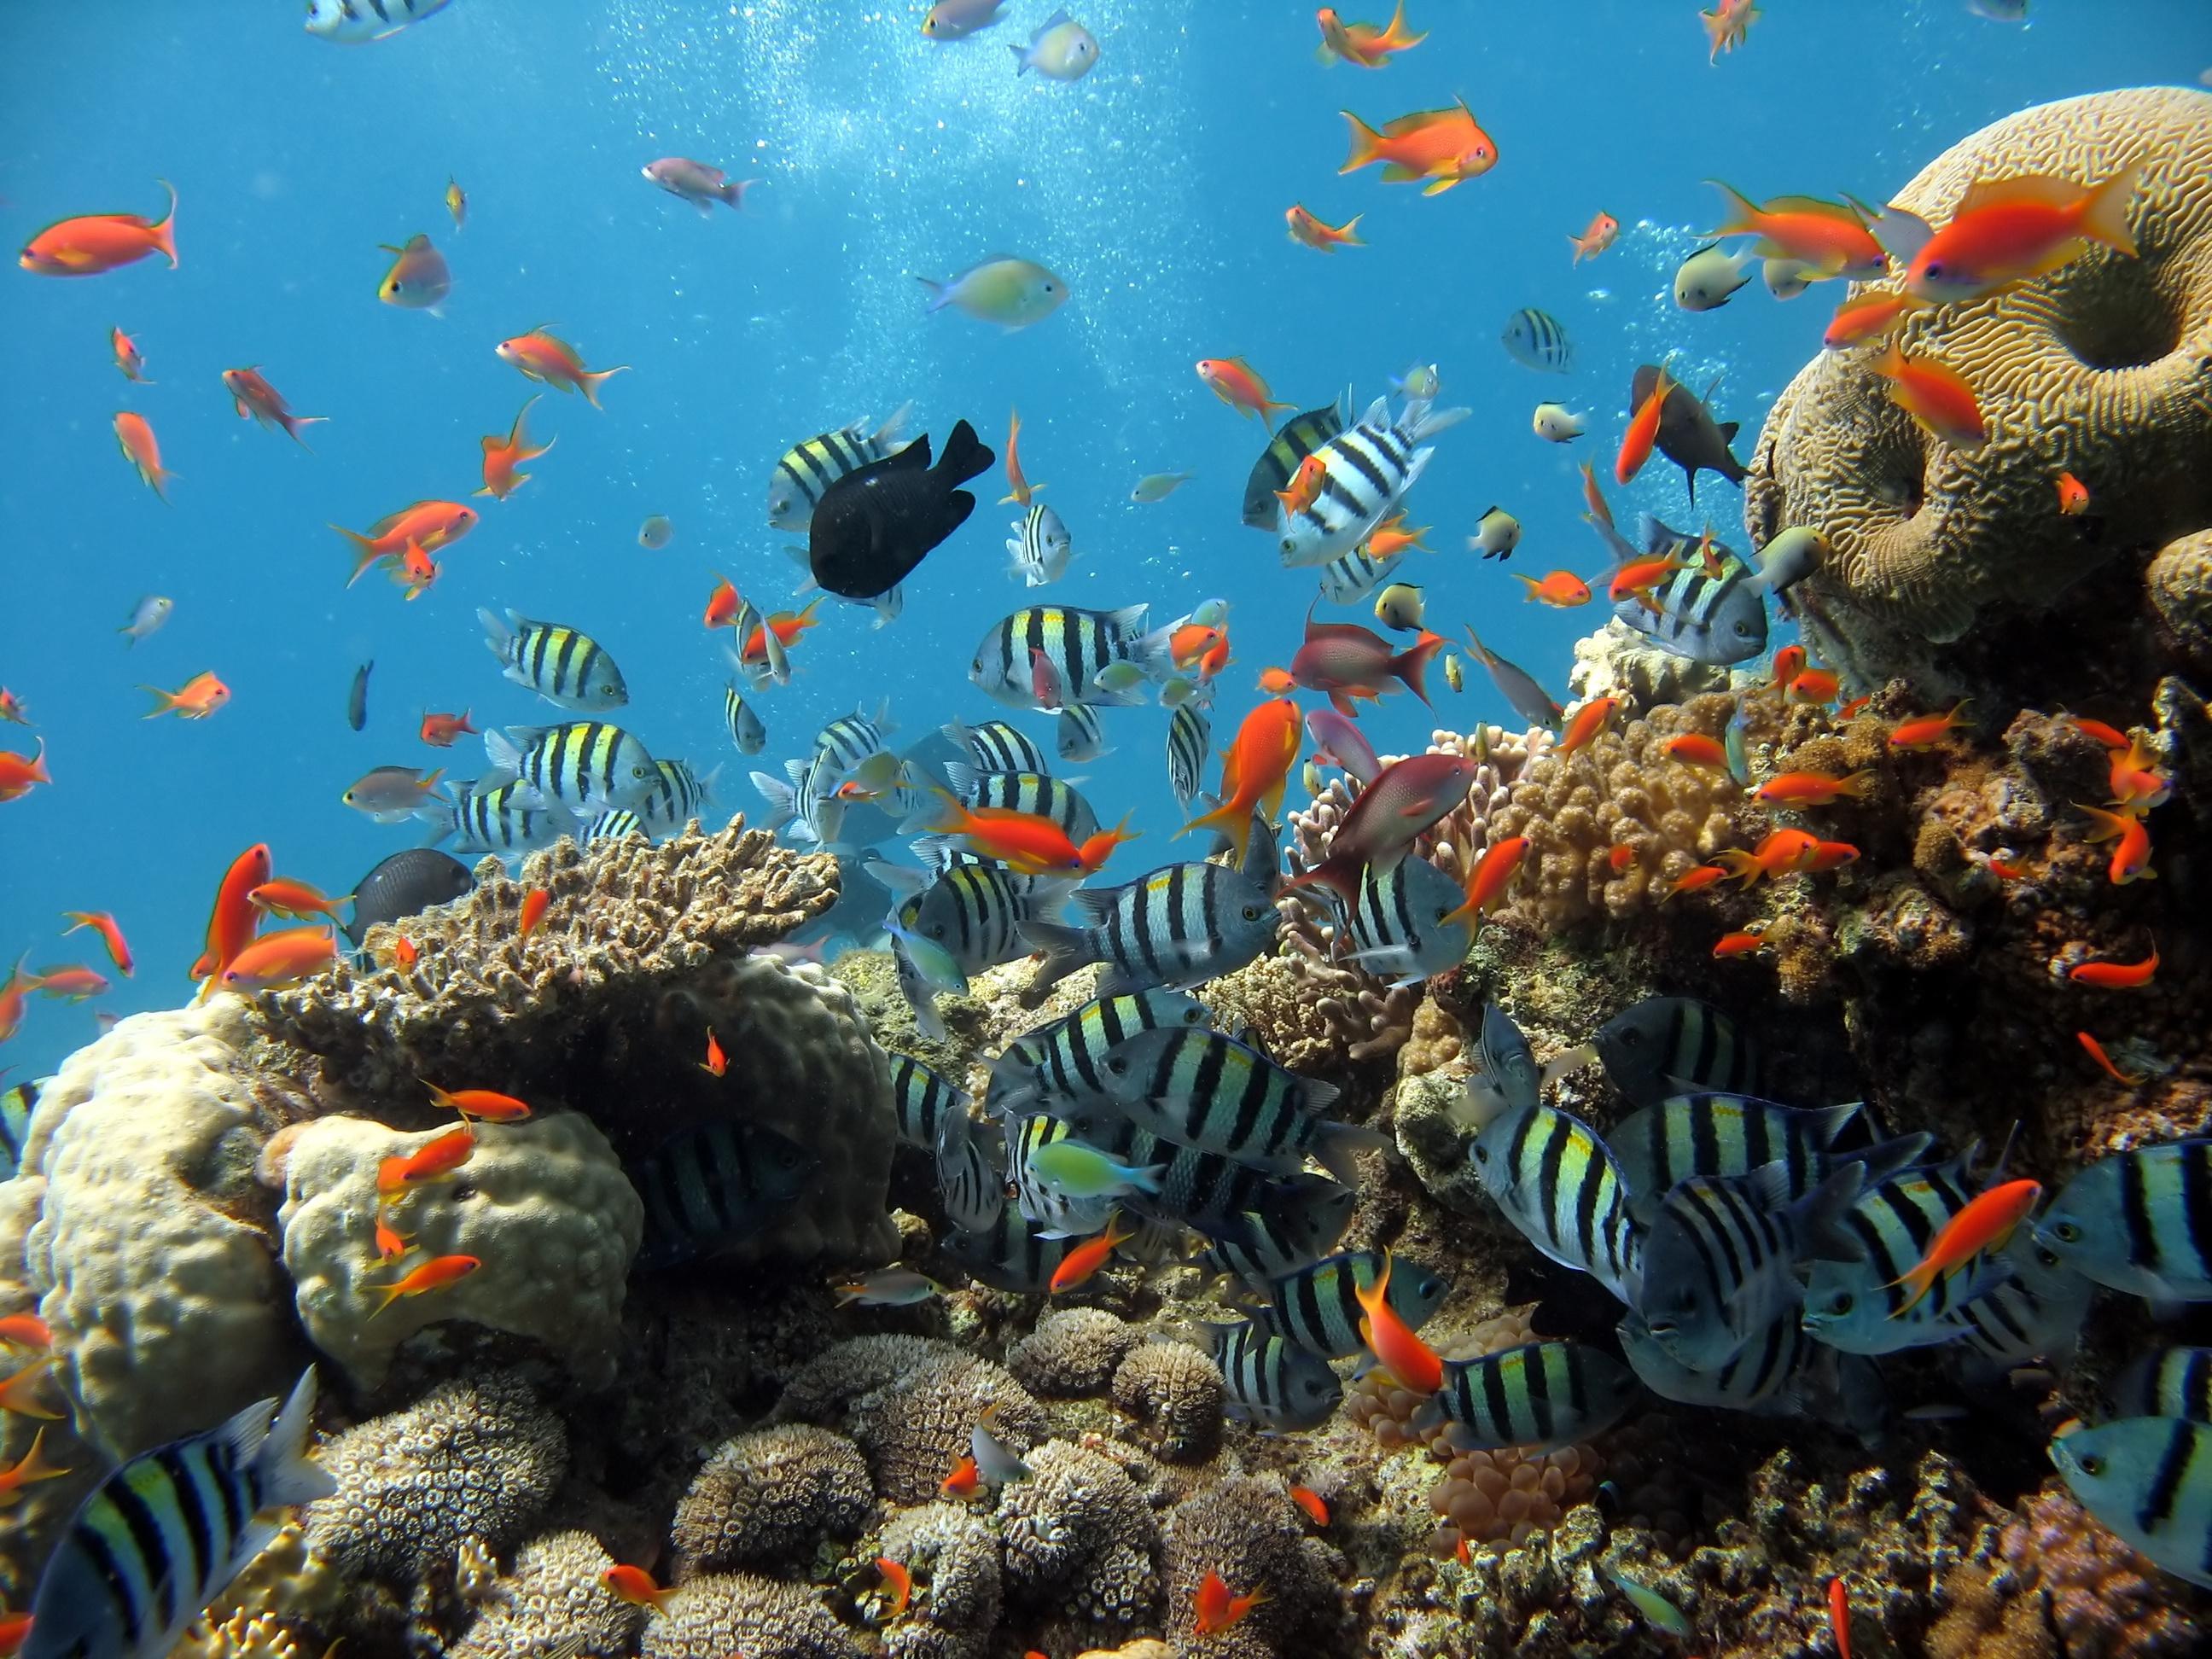 sea ocean coral aquarium fishing diving wallpaper   ForWallpaper 2592x1944